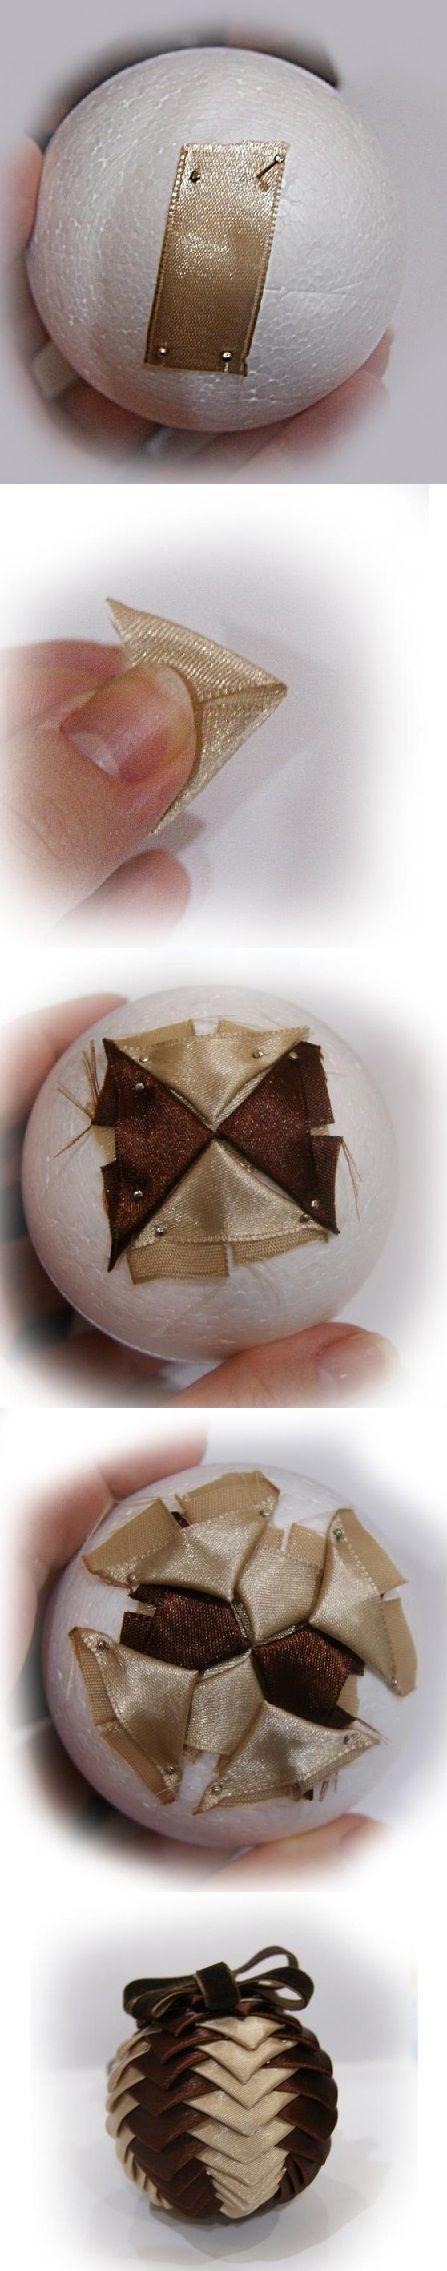 Ribbon ball